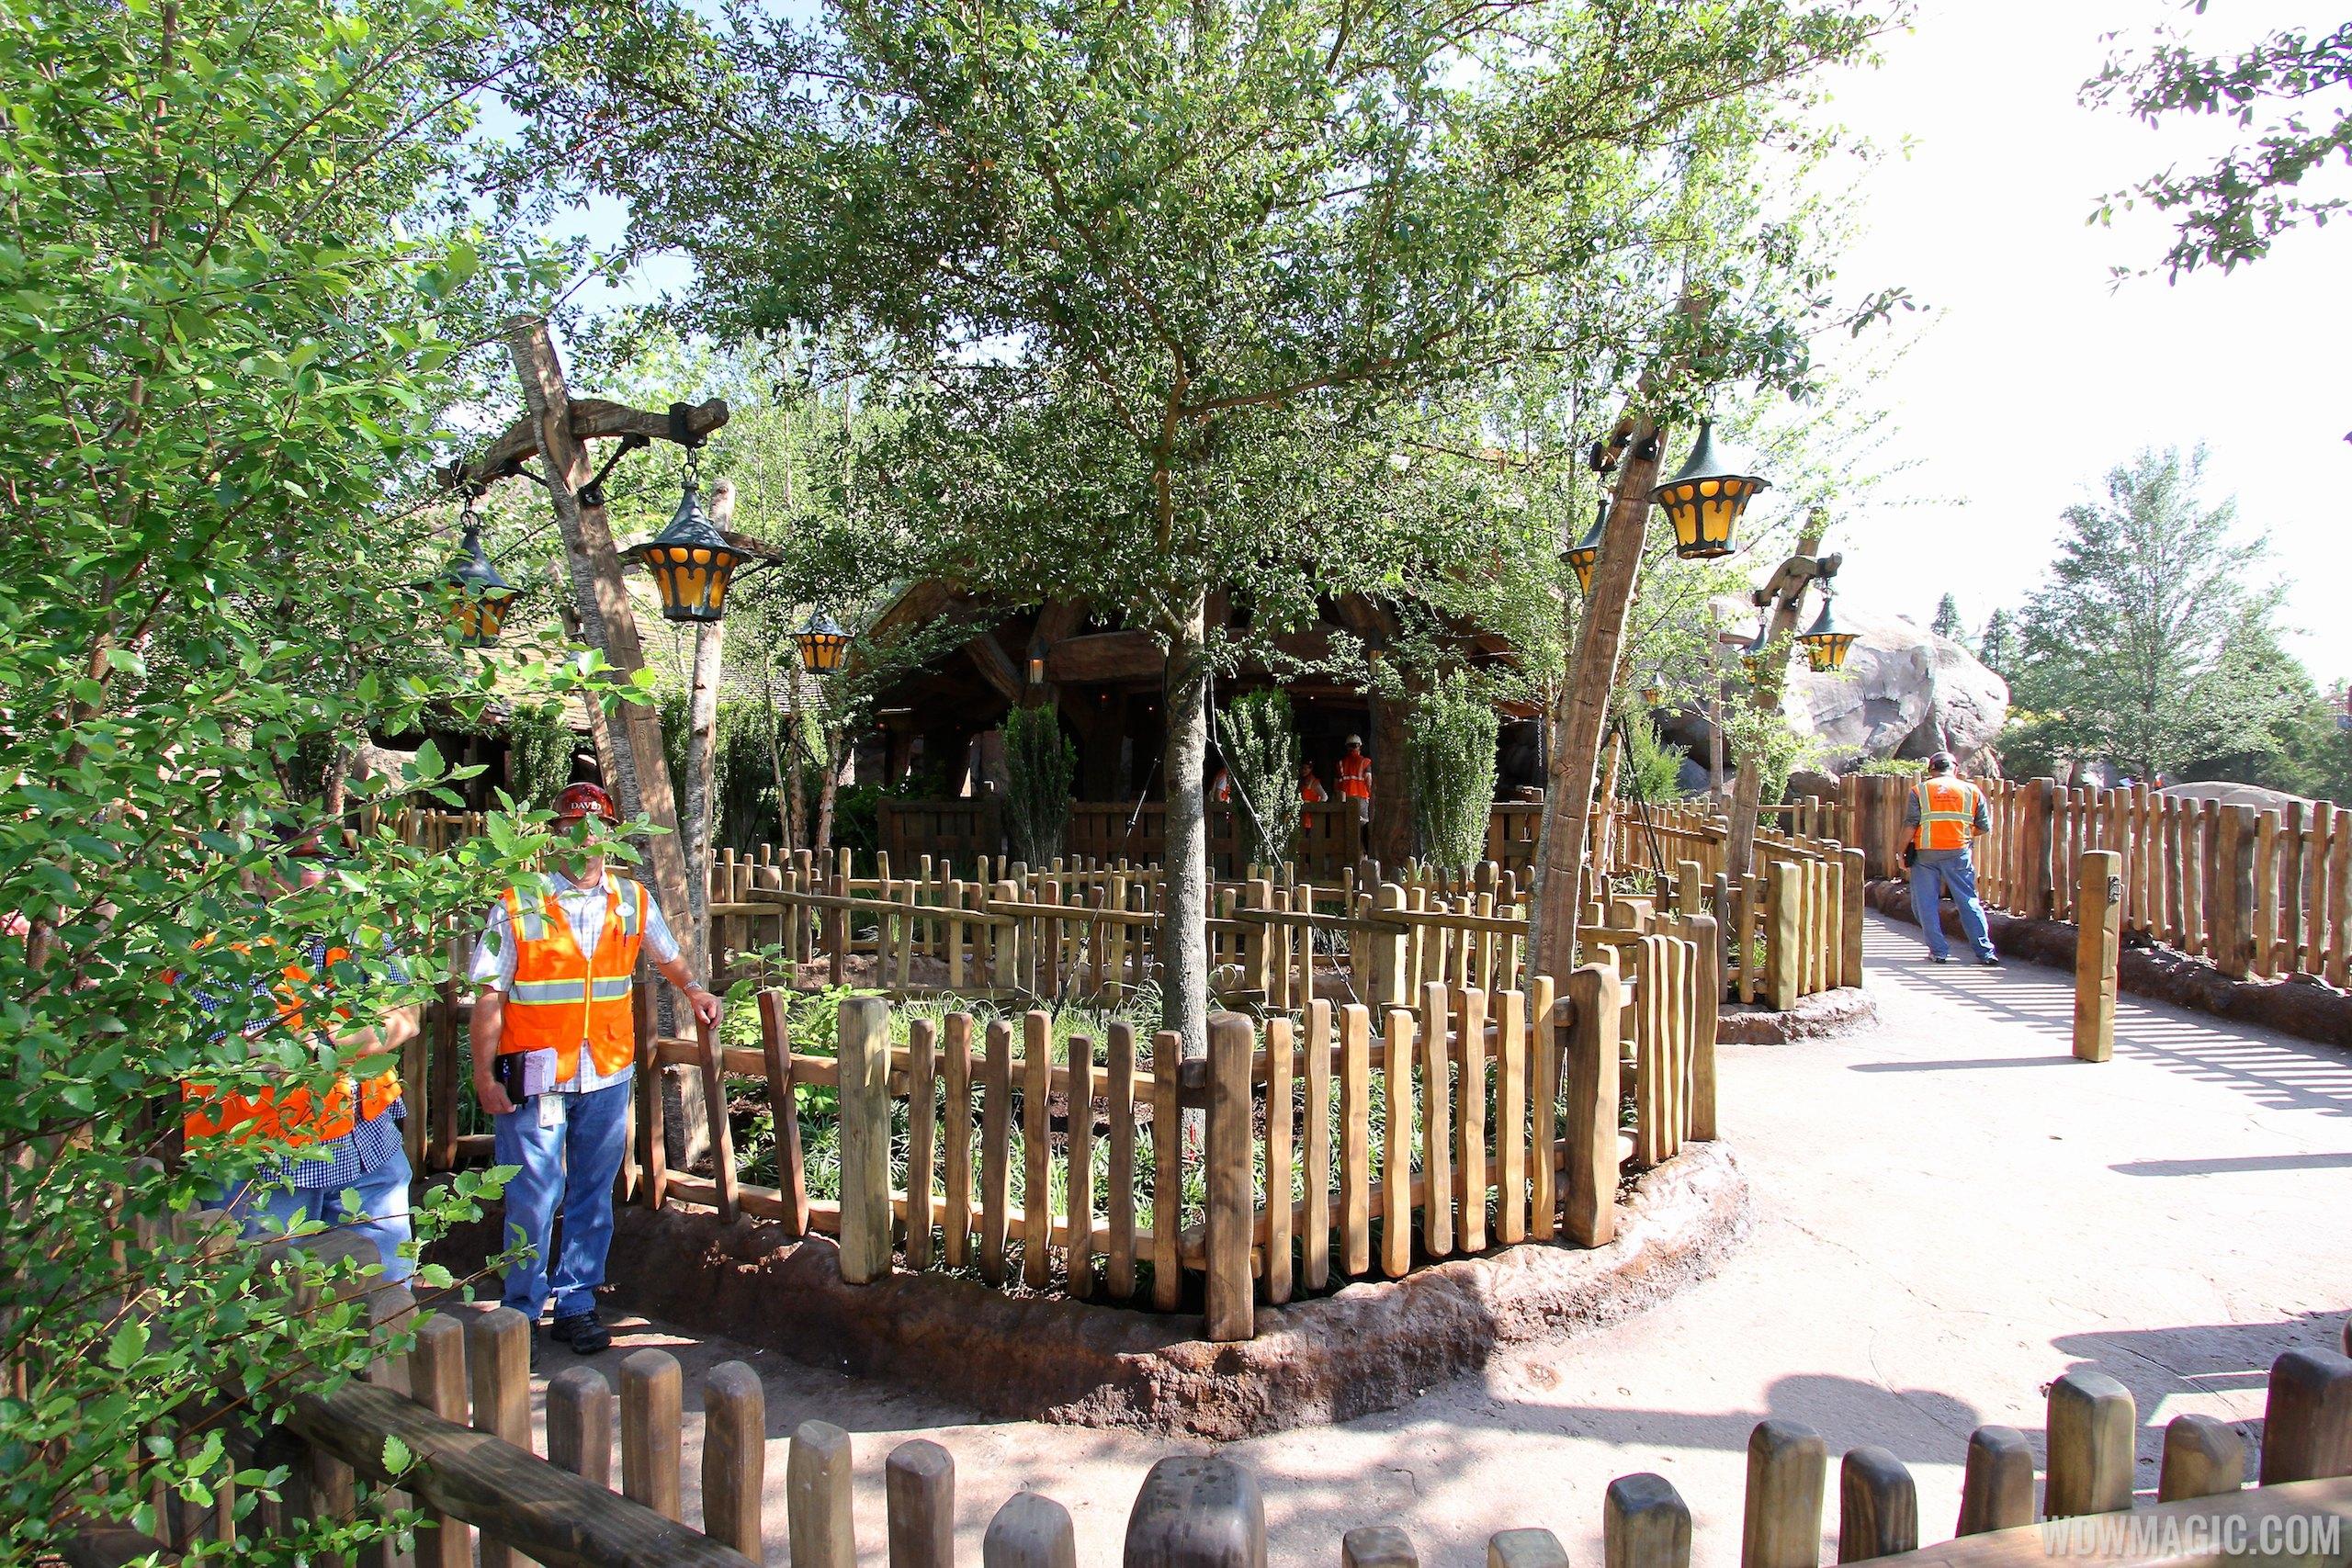 Walls down around queue at Seven Dwarfs Mine Train coaster